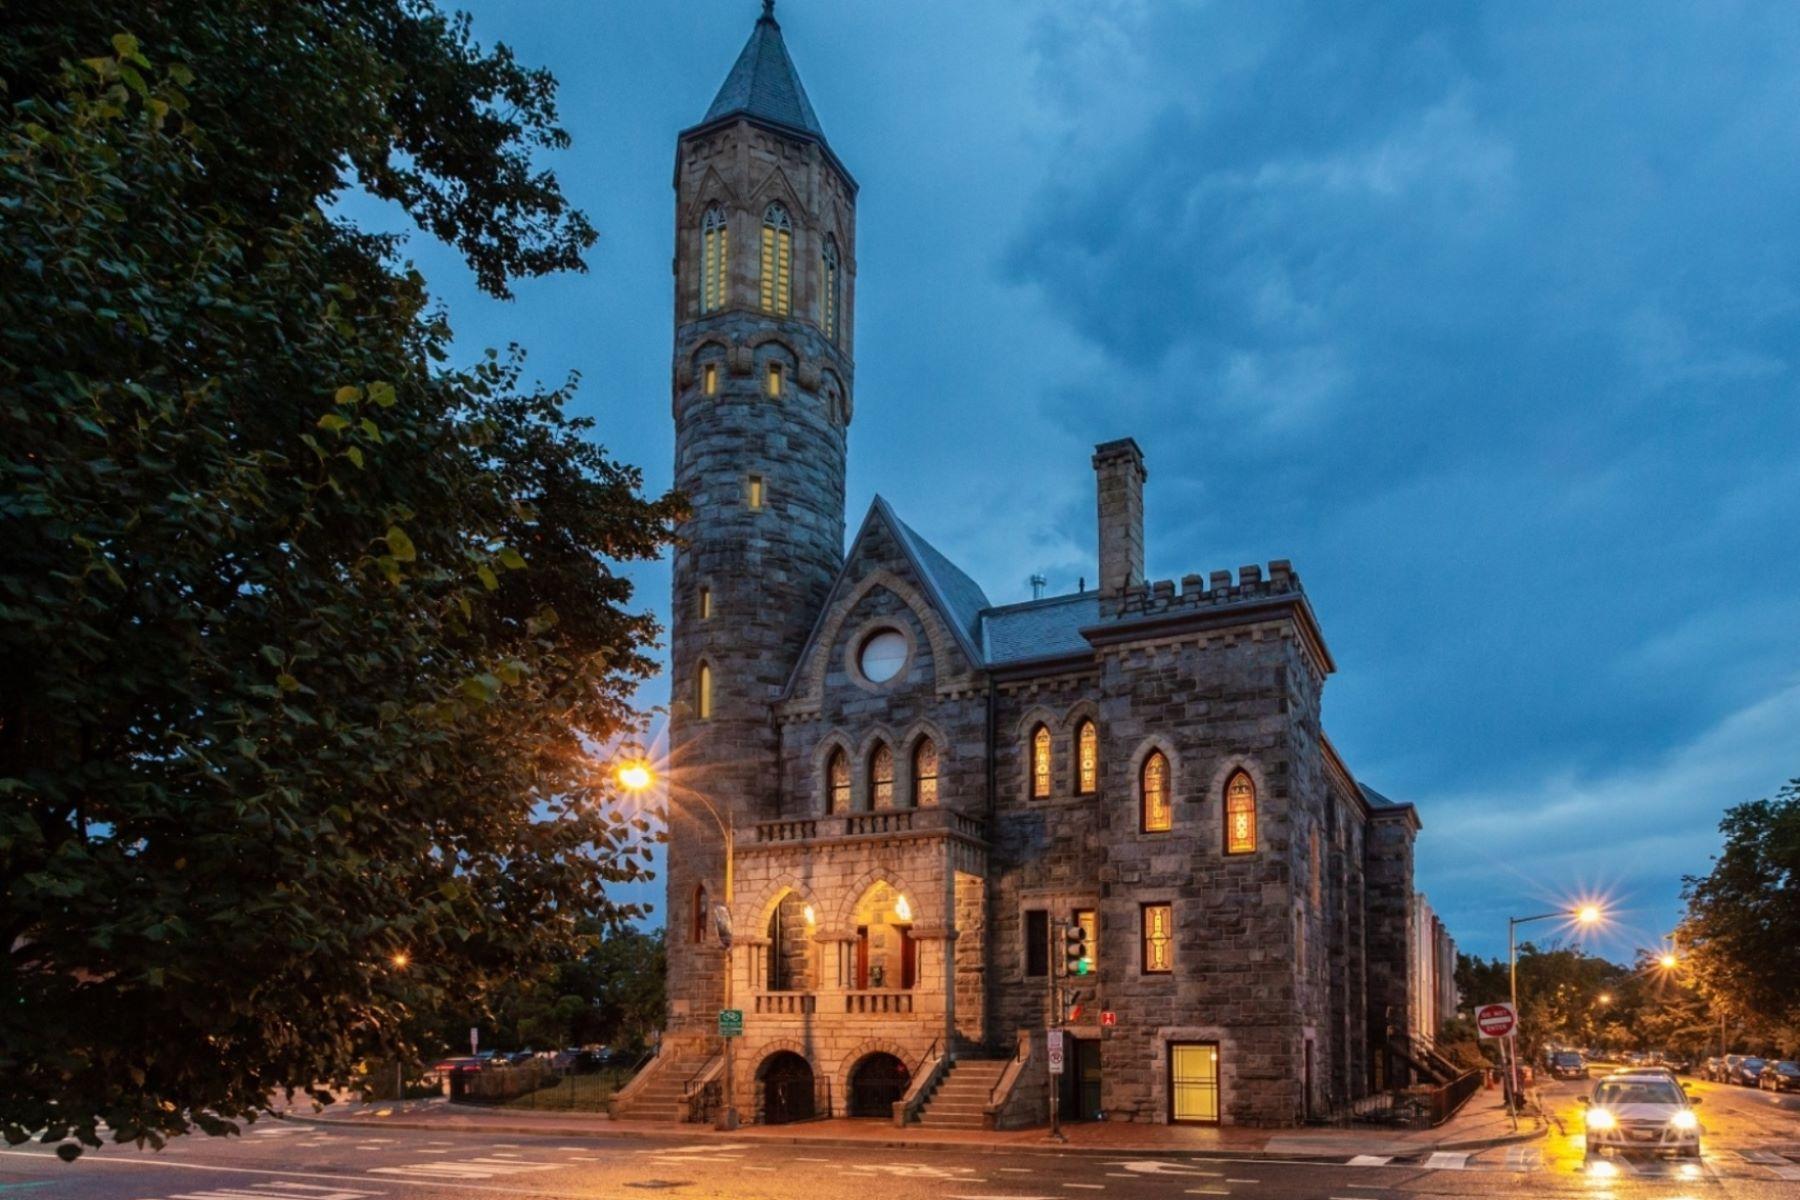 Condominium for Sale at 609 Maryland Ave NE #2 609 Maryland Ave NE #2 Washington, District Of Columbia 20002 United States